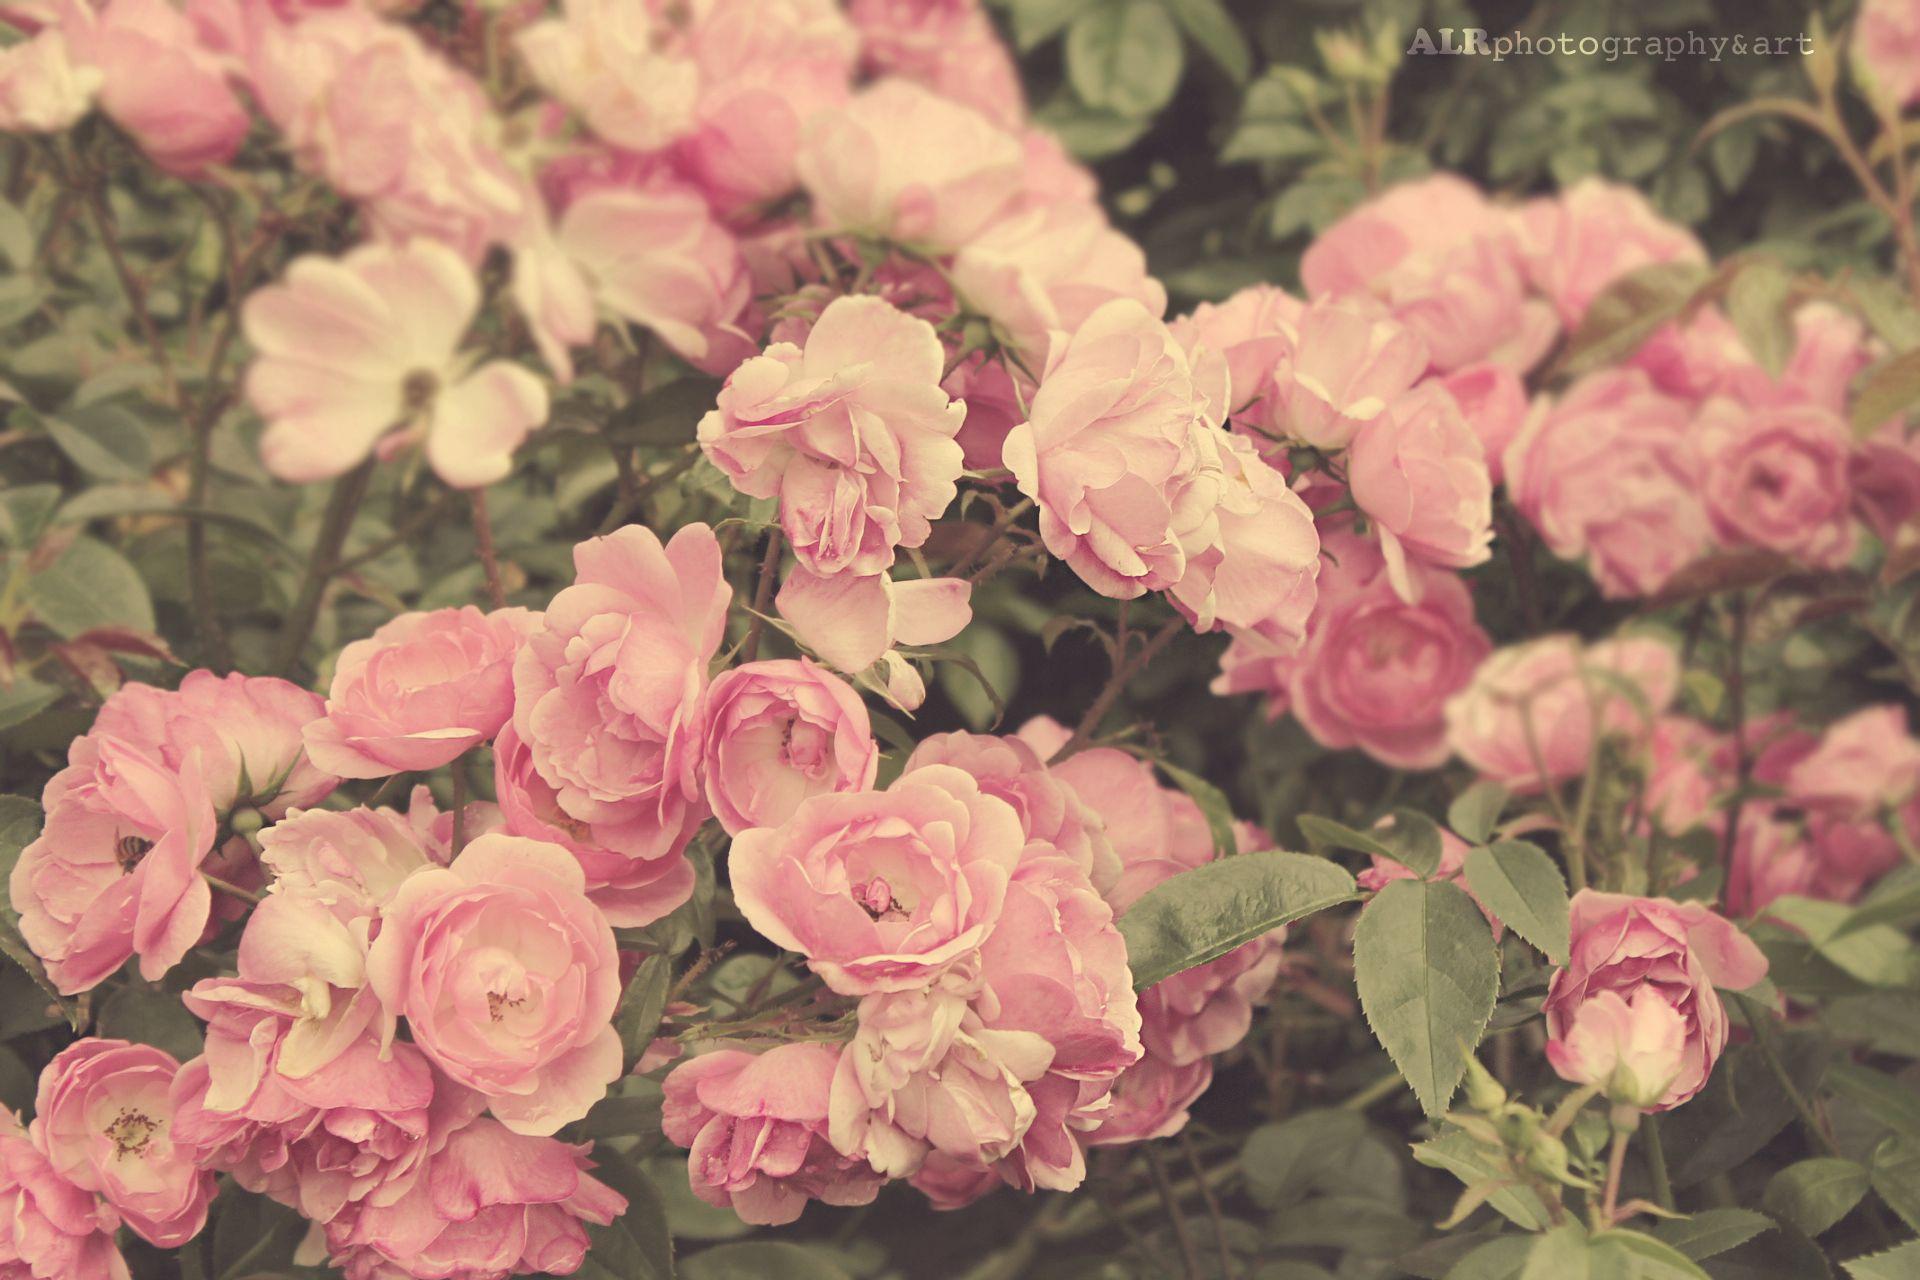 Розовые картинки для твиттера